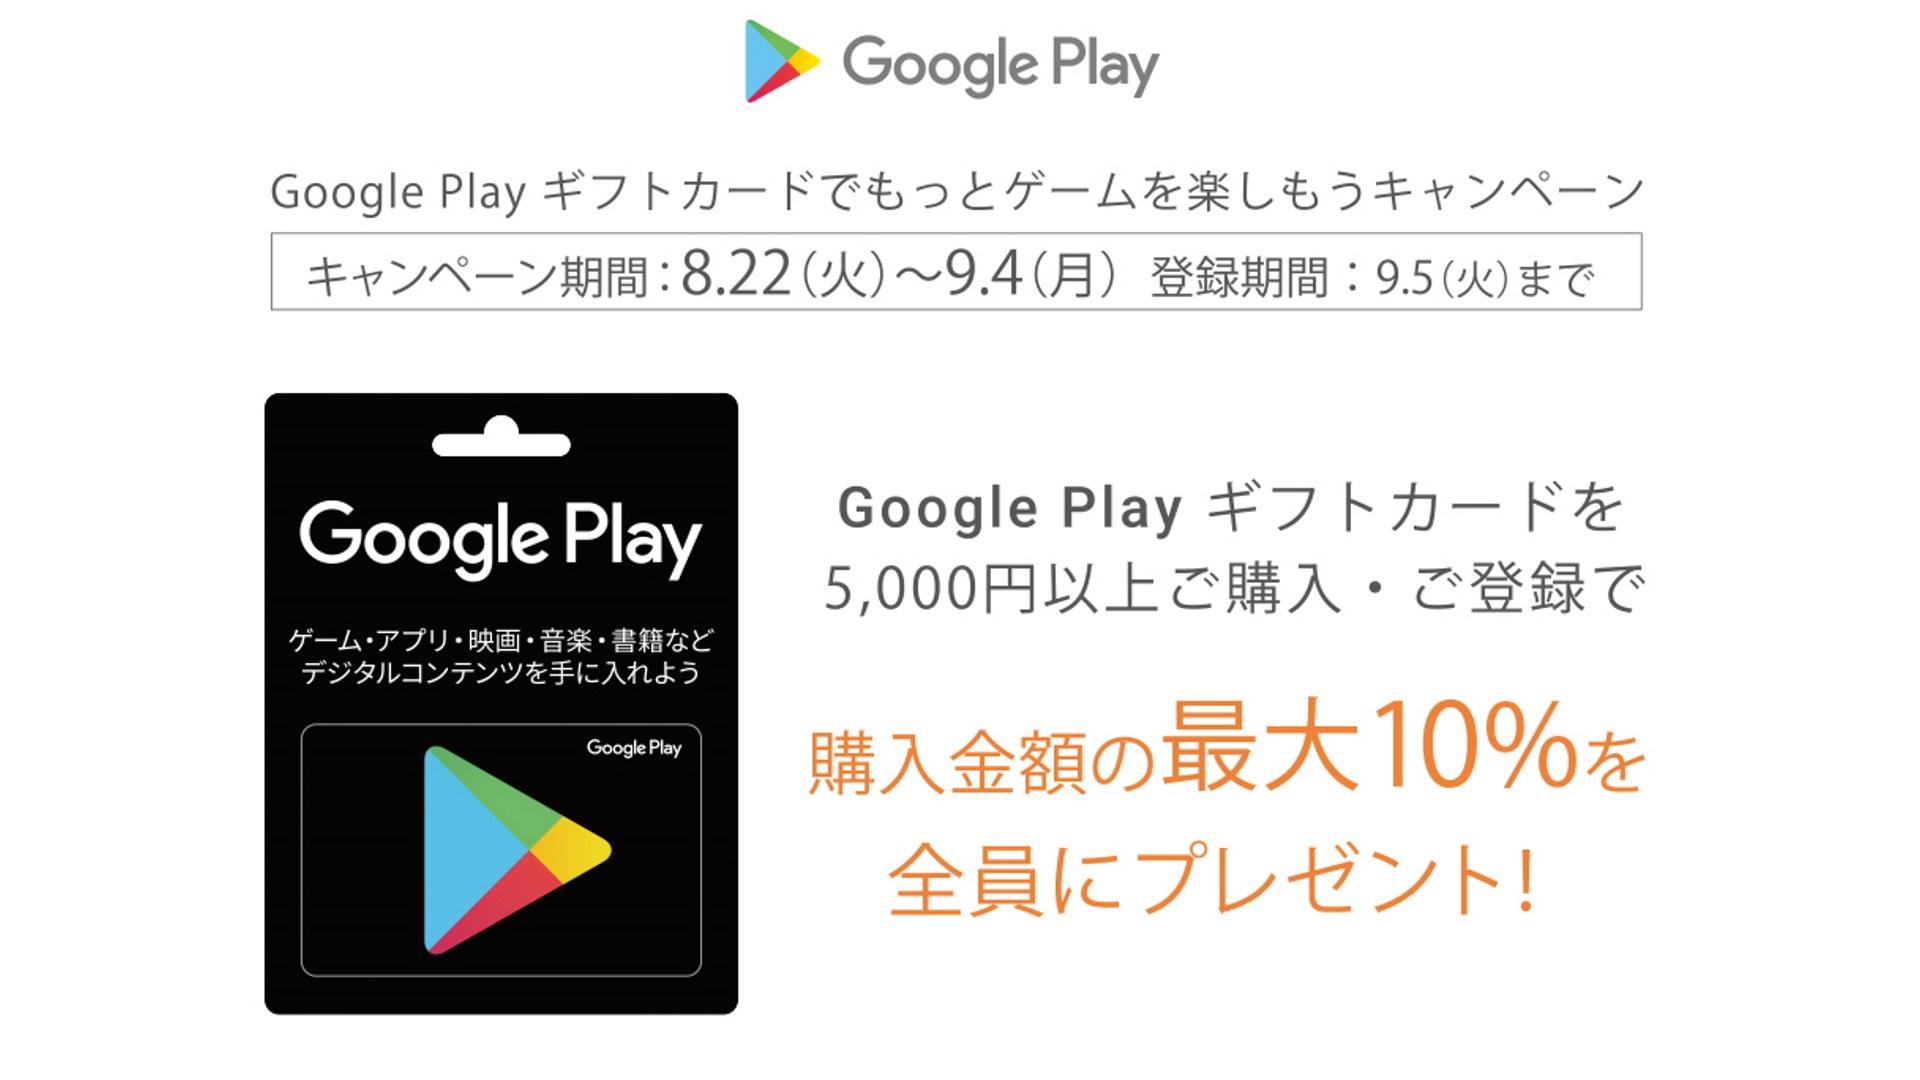 「Google Play ギフトカード」を購入すると最大10%のクーポンプレゼントキャンペーン開始